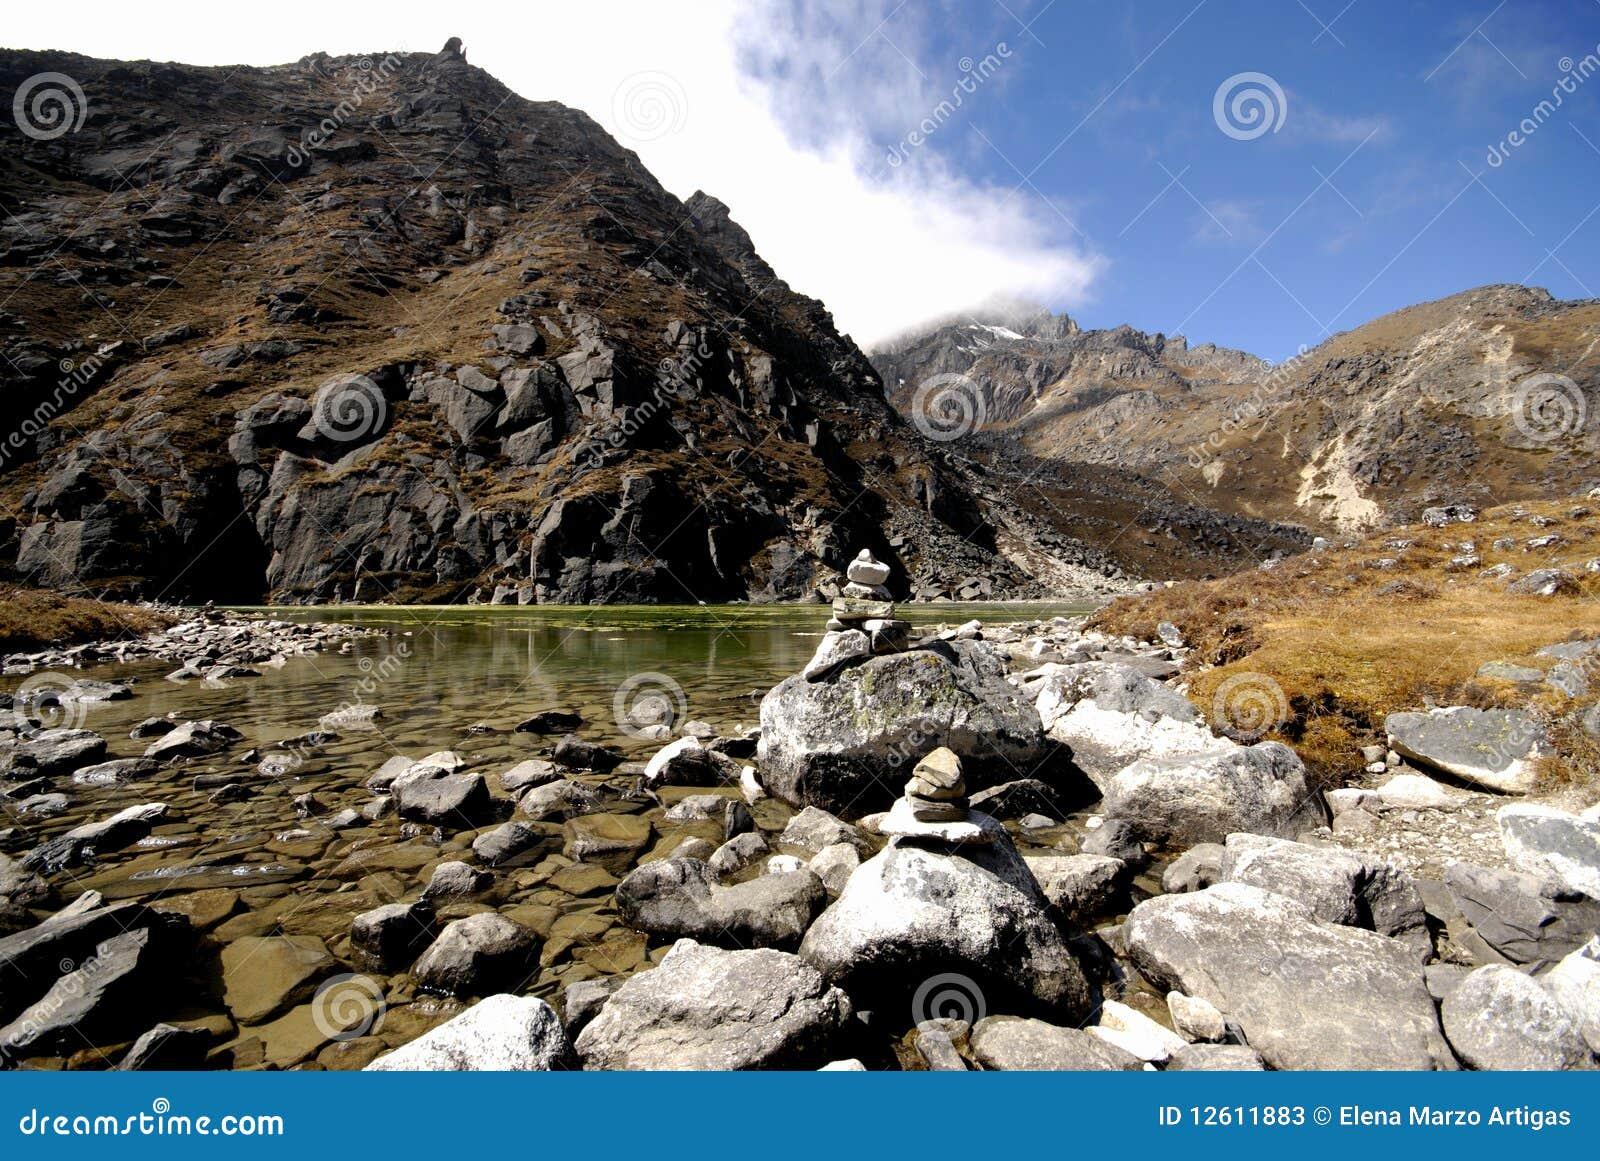 Gokyo Sacred Lake Stock Photos - Image: 12611883